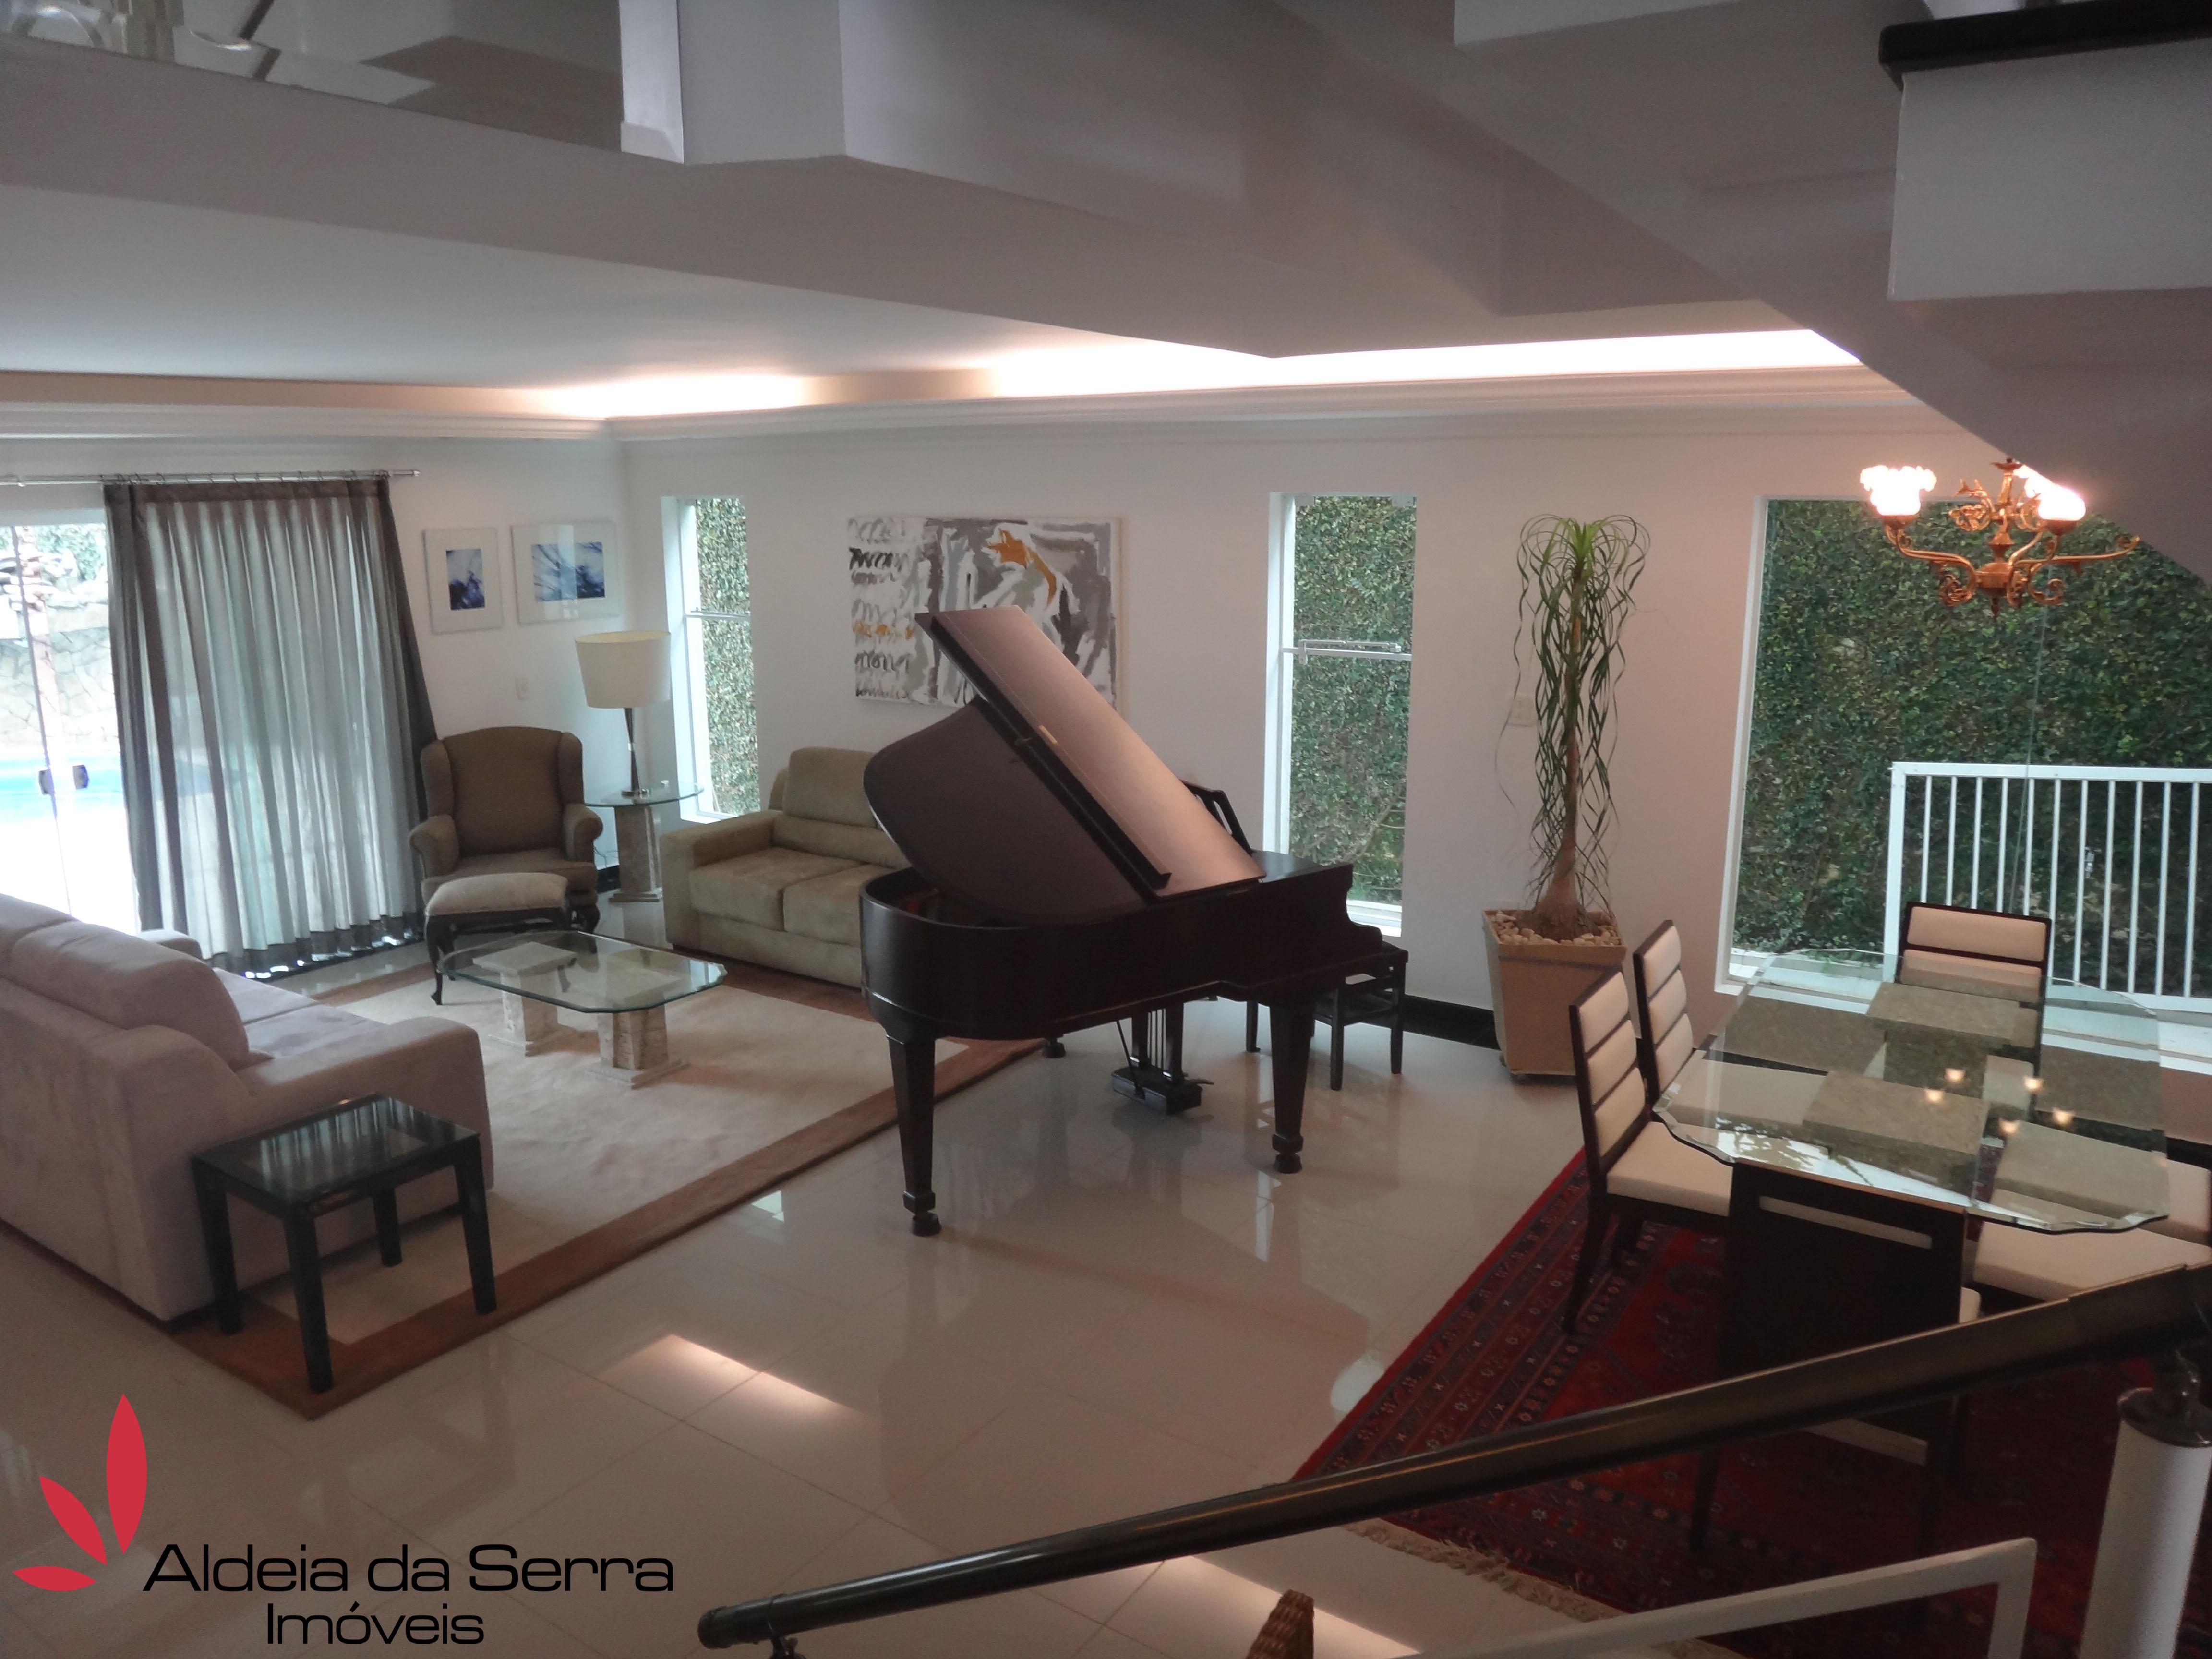 /admin/imoveis/fotos/imagem2(4).jpg Aldeia da Serra Imoveis